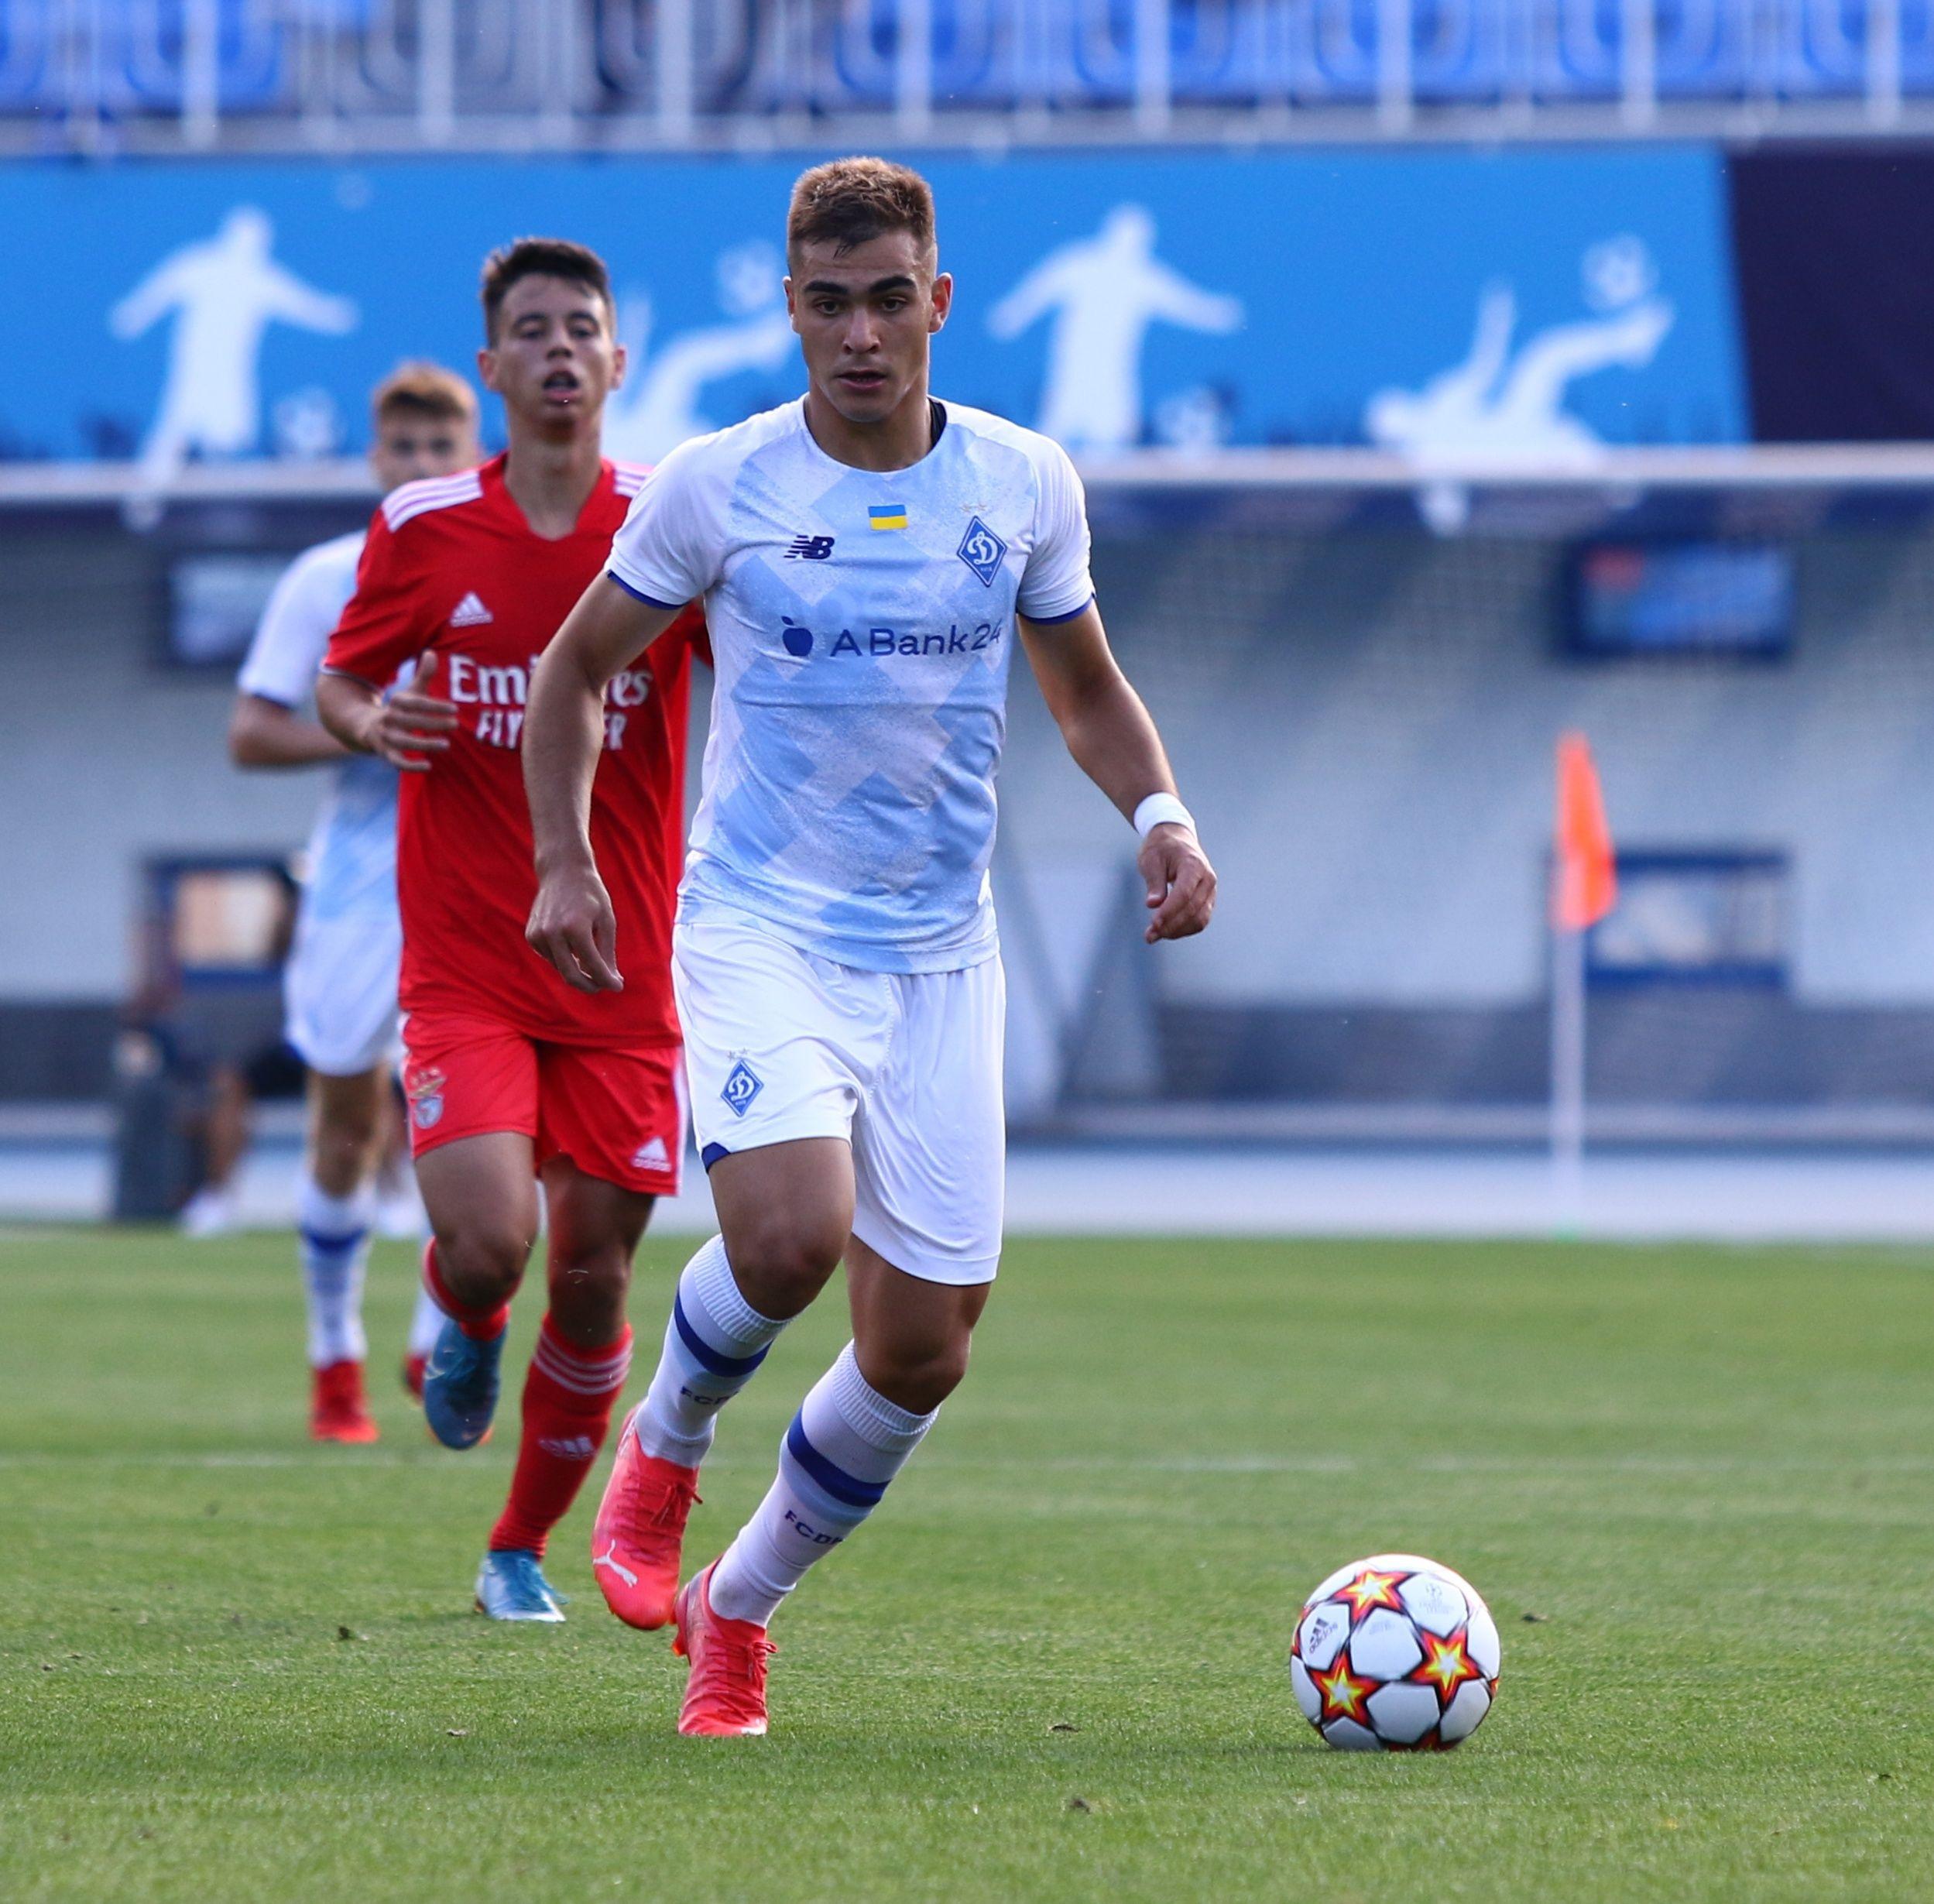 Відмінний старт! ФОТО репортаж з матчу Юнацької ліги УЄФА Динамо - Бенфіка 4:0 - фото 16